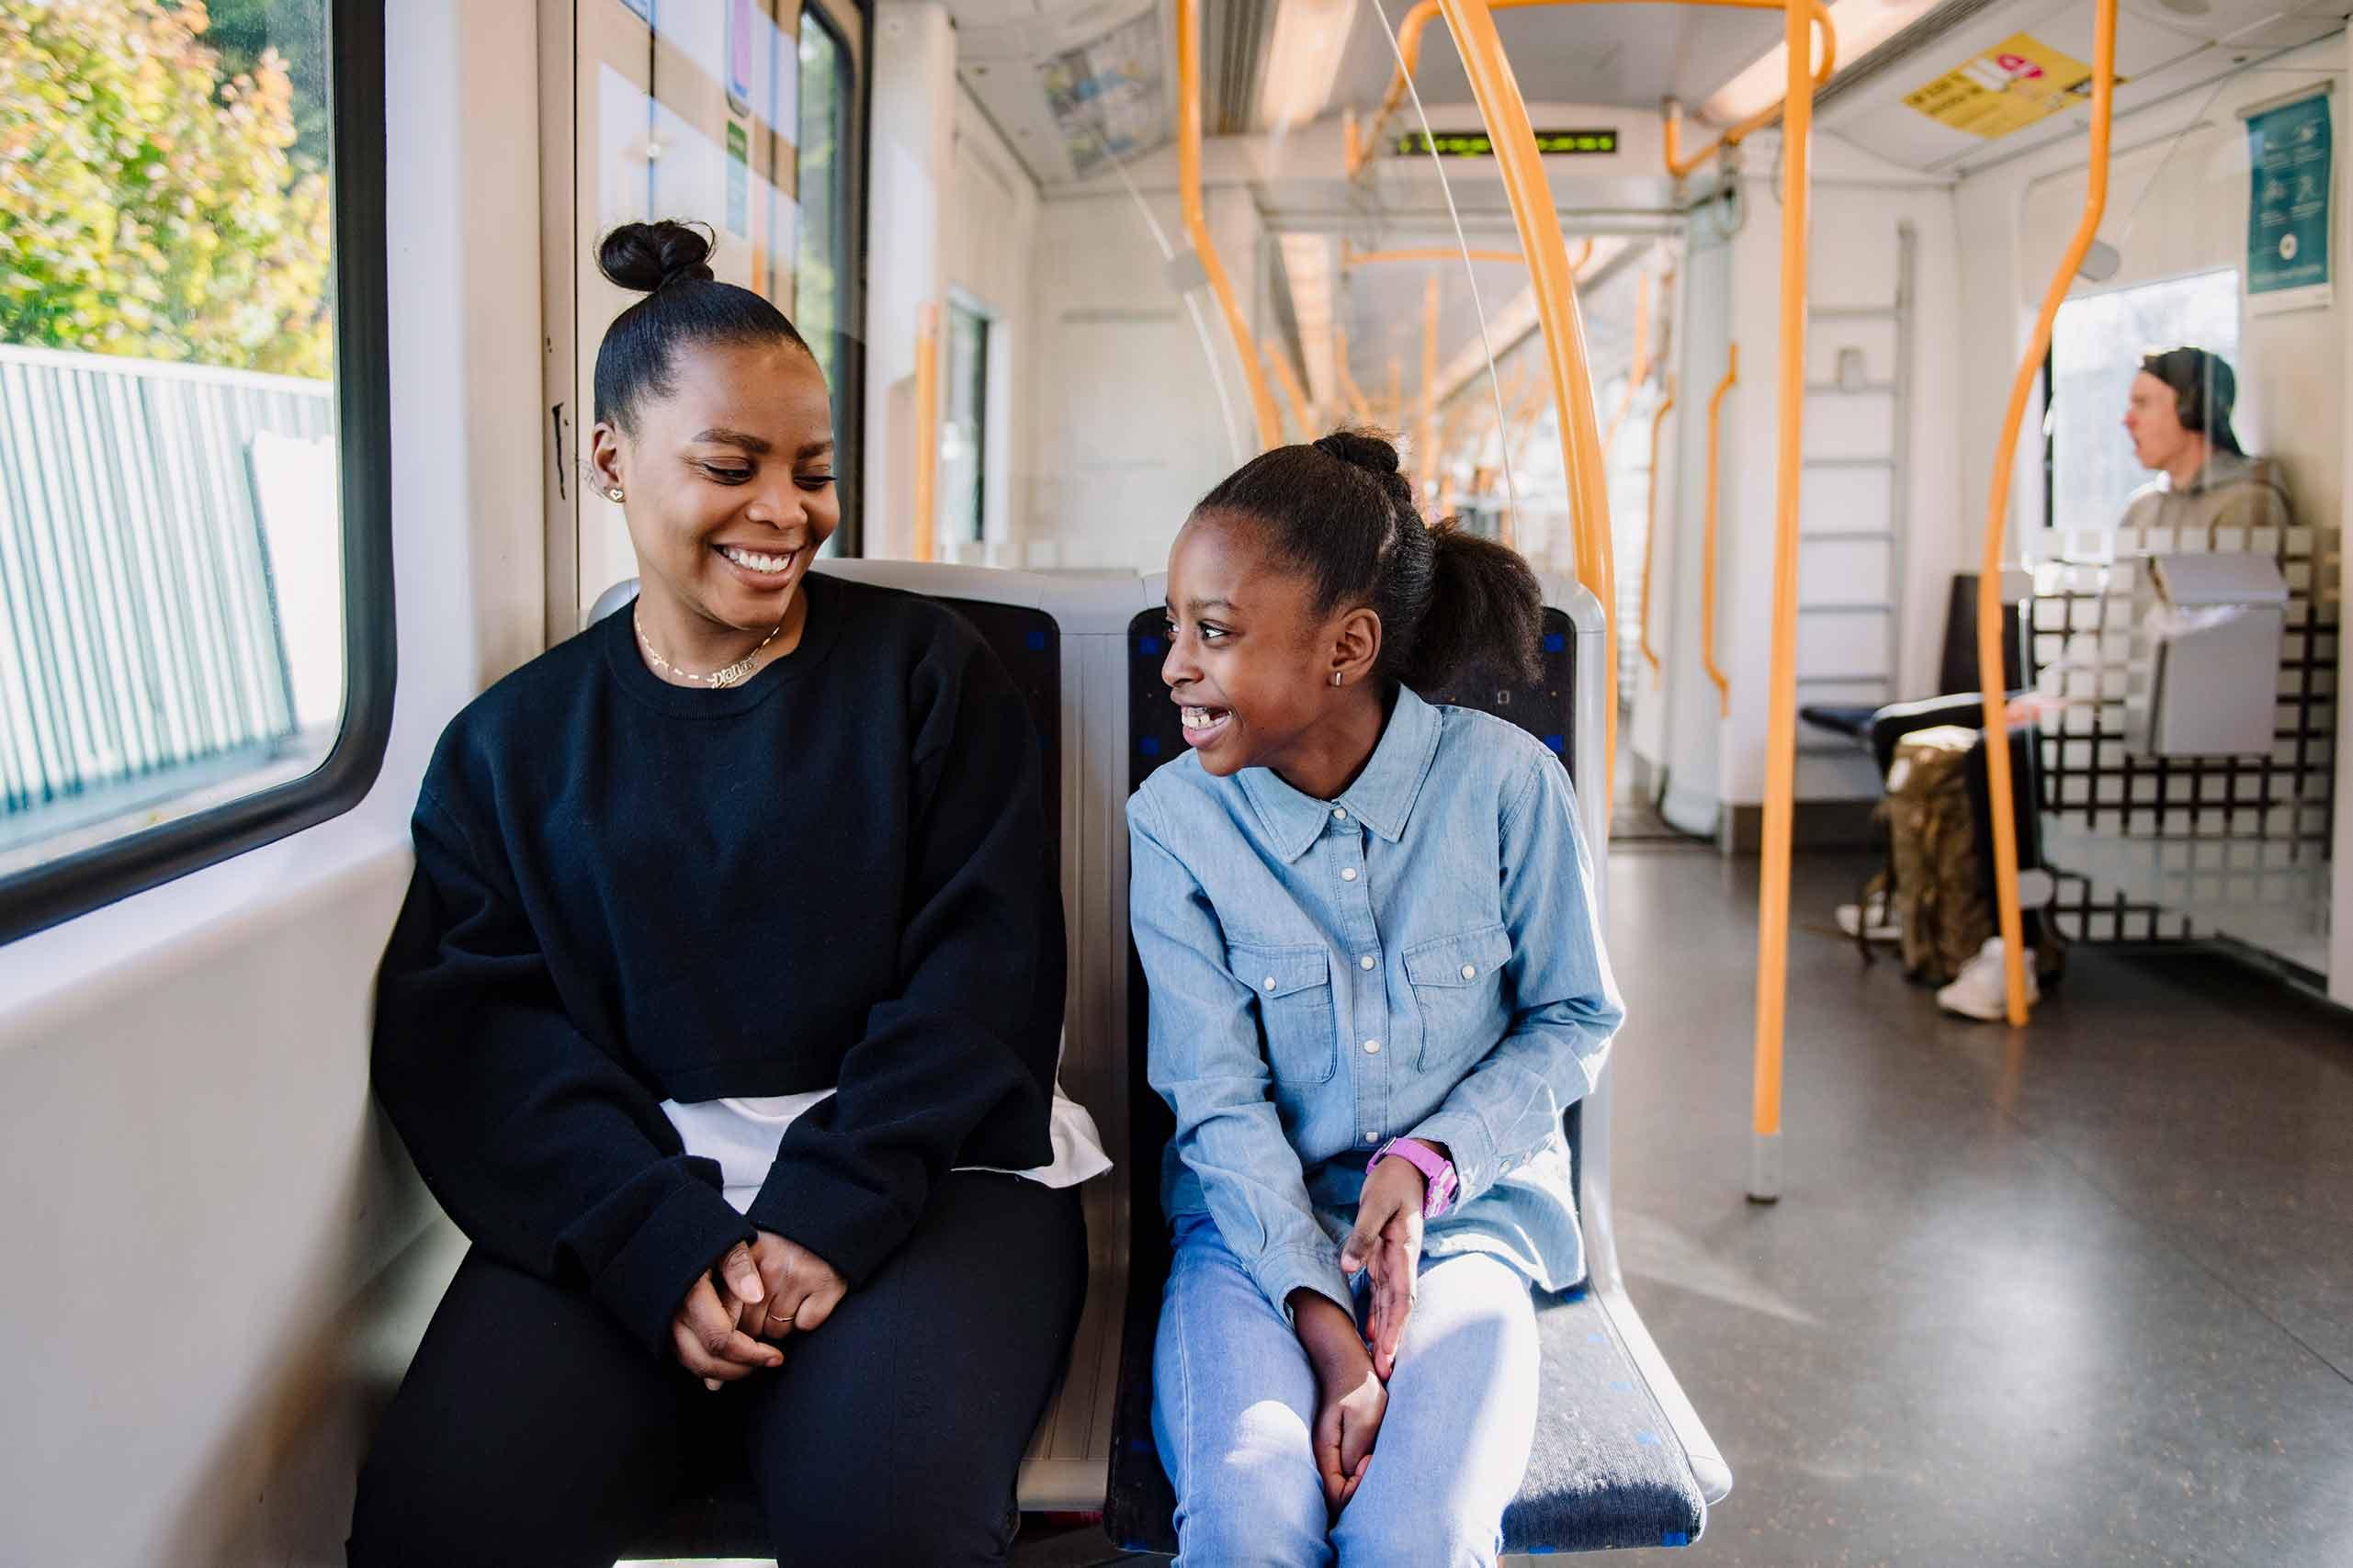 Bilde av to passasjerer på t-bane